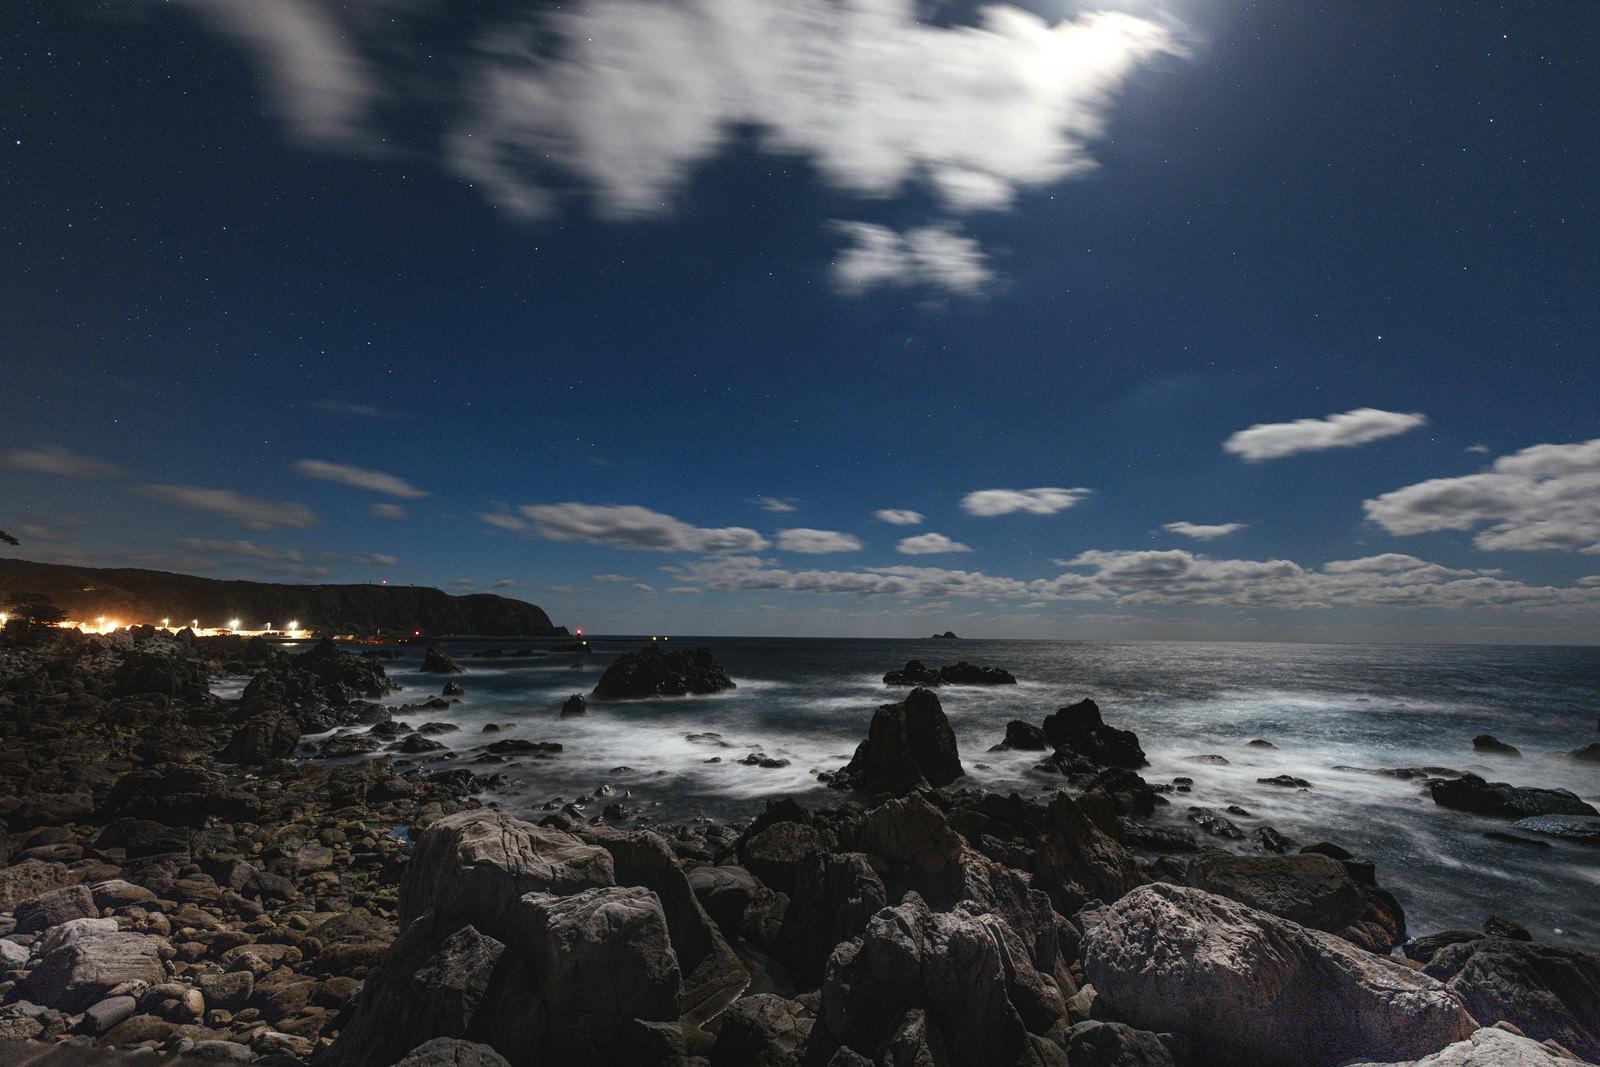 神津島の沢尻湾の様子のフリー素材